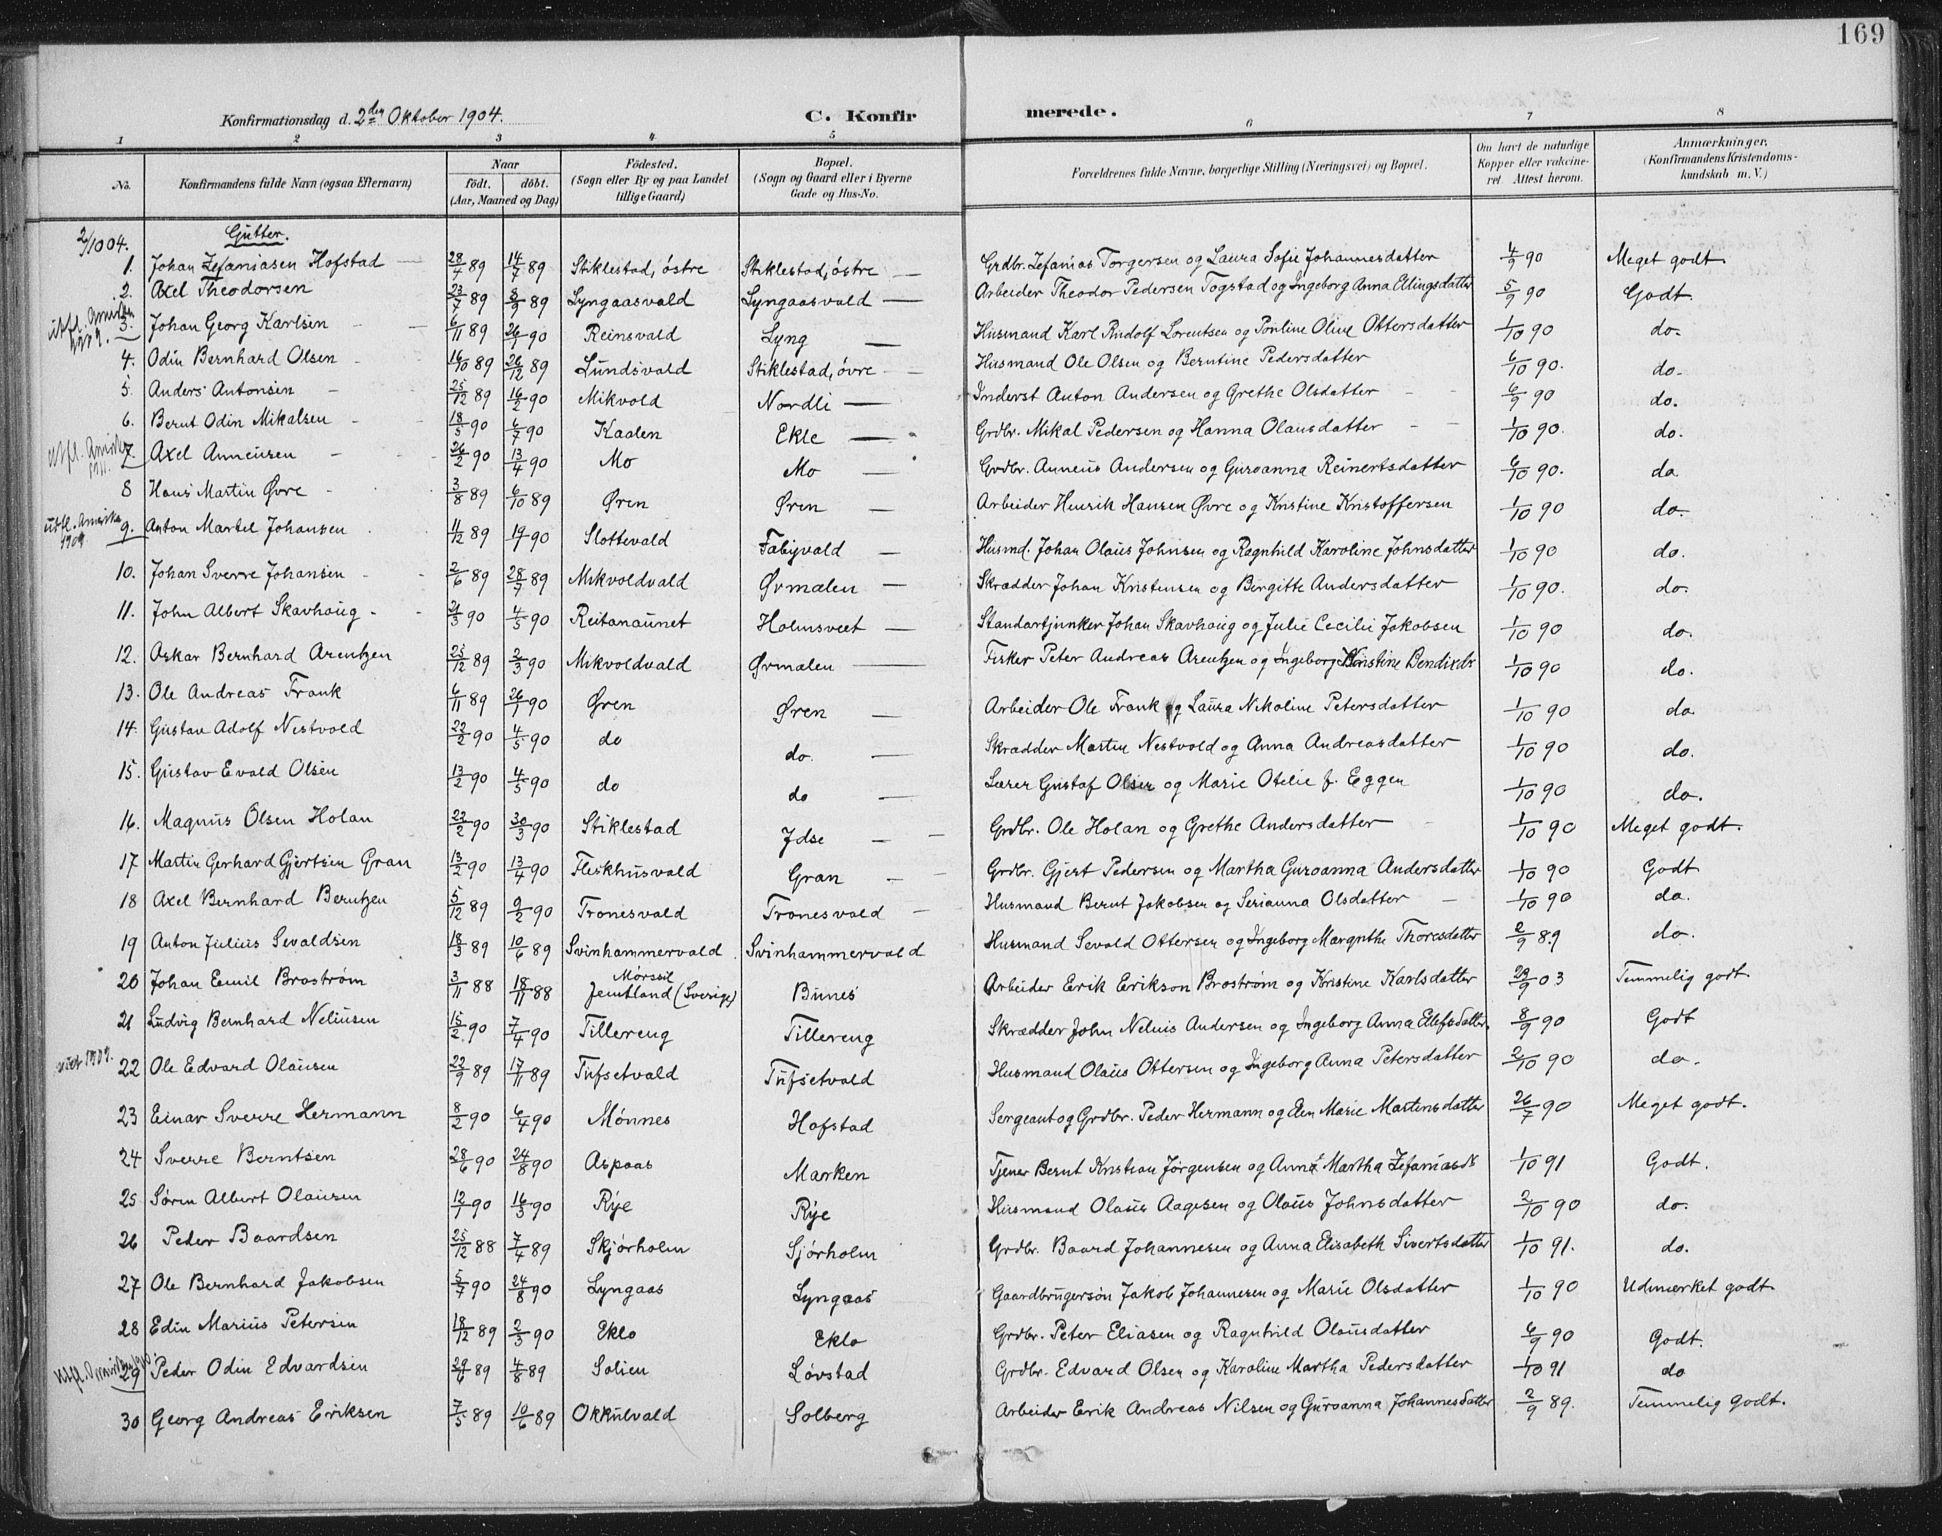 SAT, Ministerialprotokoller, klokkerbøker og fødselsregistre - Nord-Trøndelag, 723/L0246: Ministerialbok nr. 723A15, 1900-1917, s. 169